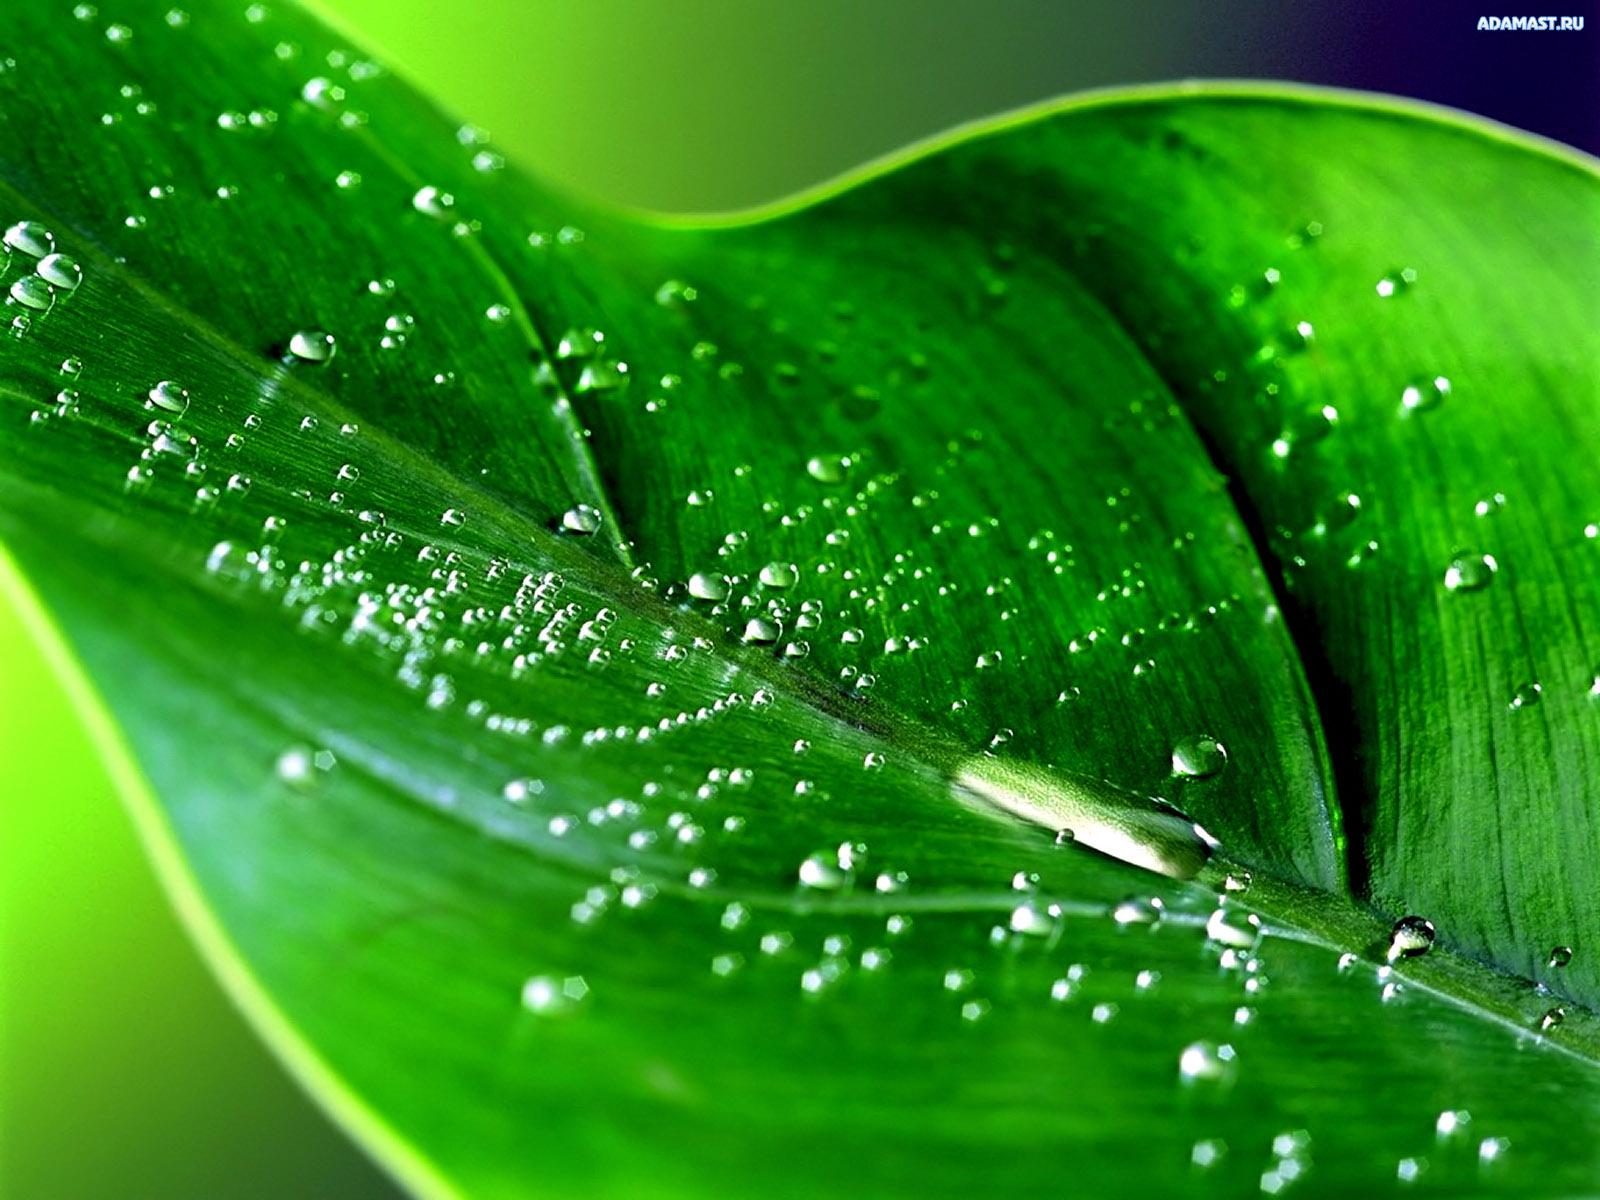 обои фото зеленые